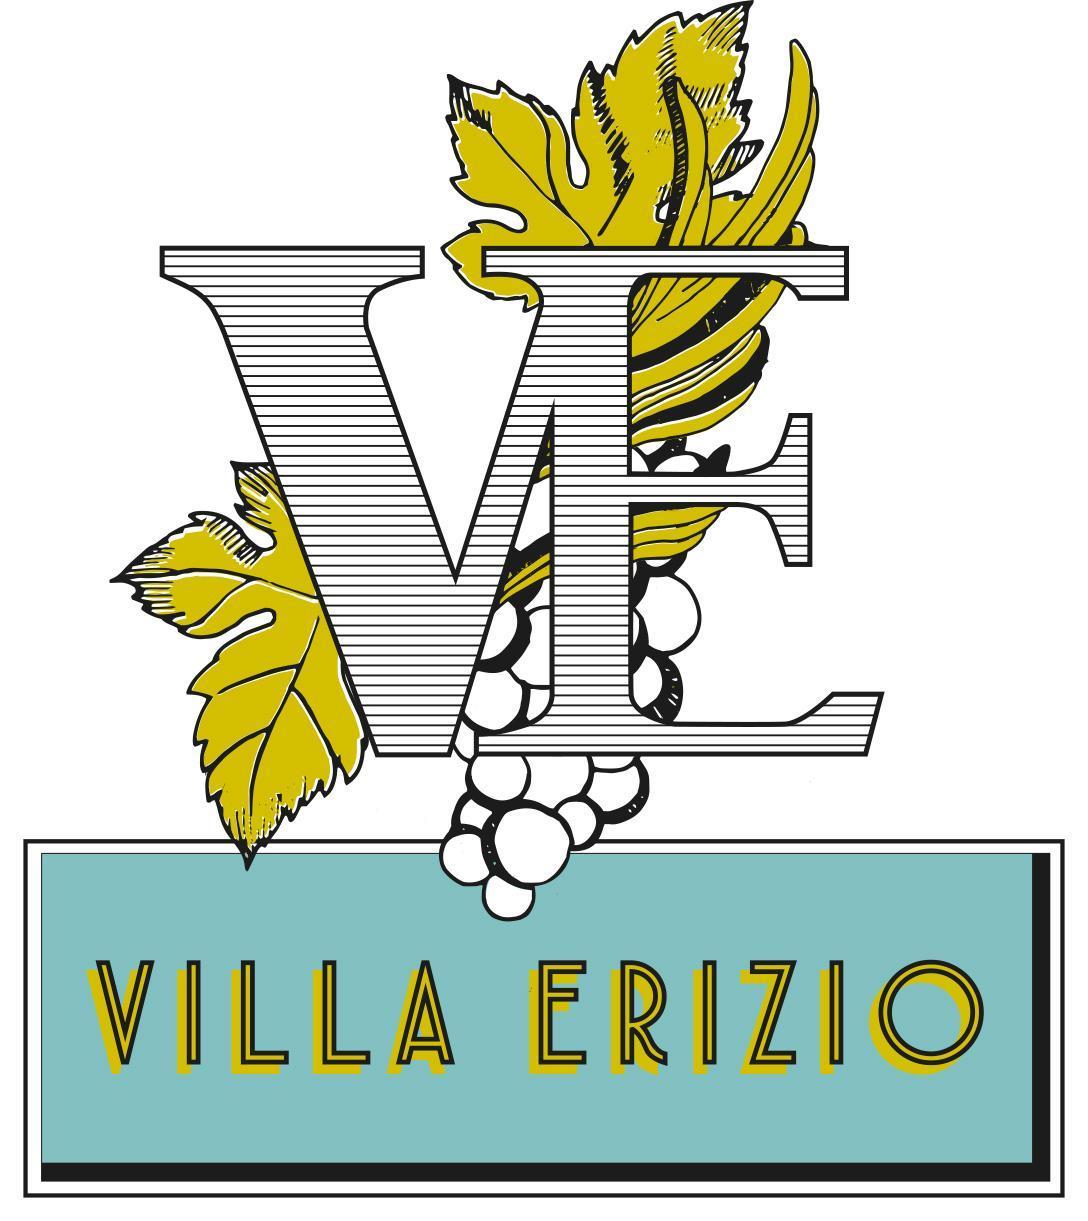 VILLA ERIZIO, Gironde